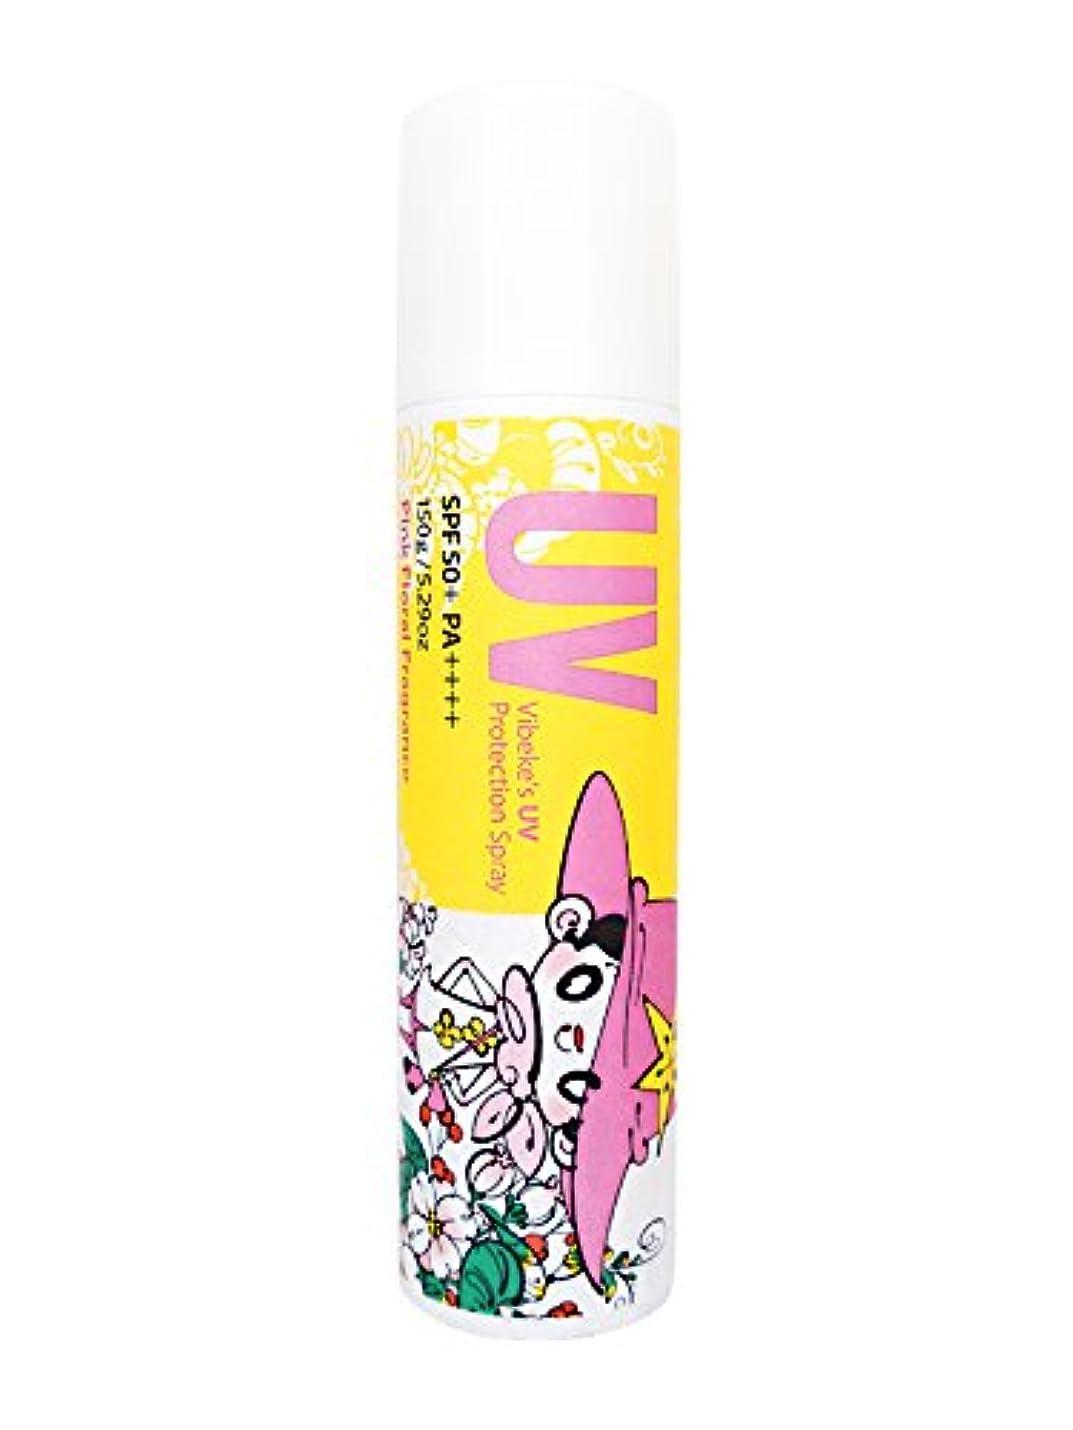 最も充実ダルセットビベッケの全身まるごとサラサラUVスプレー SPF50+ PA++++ 150g ピンクフローラルの香り